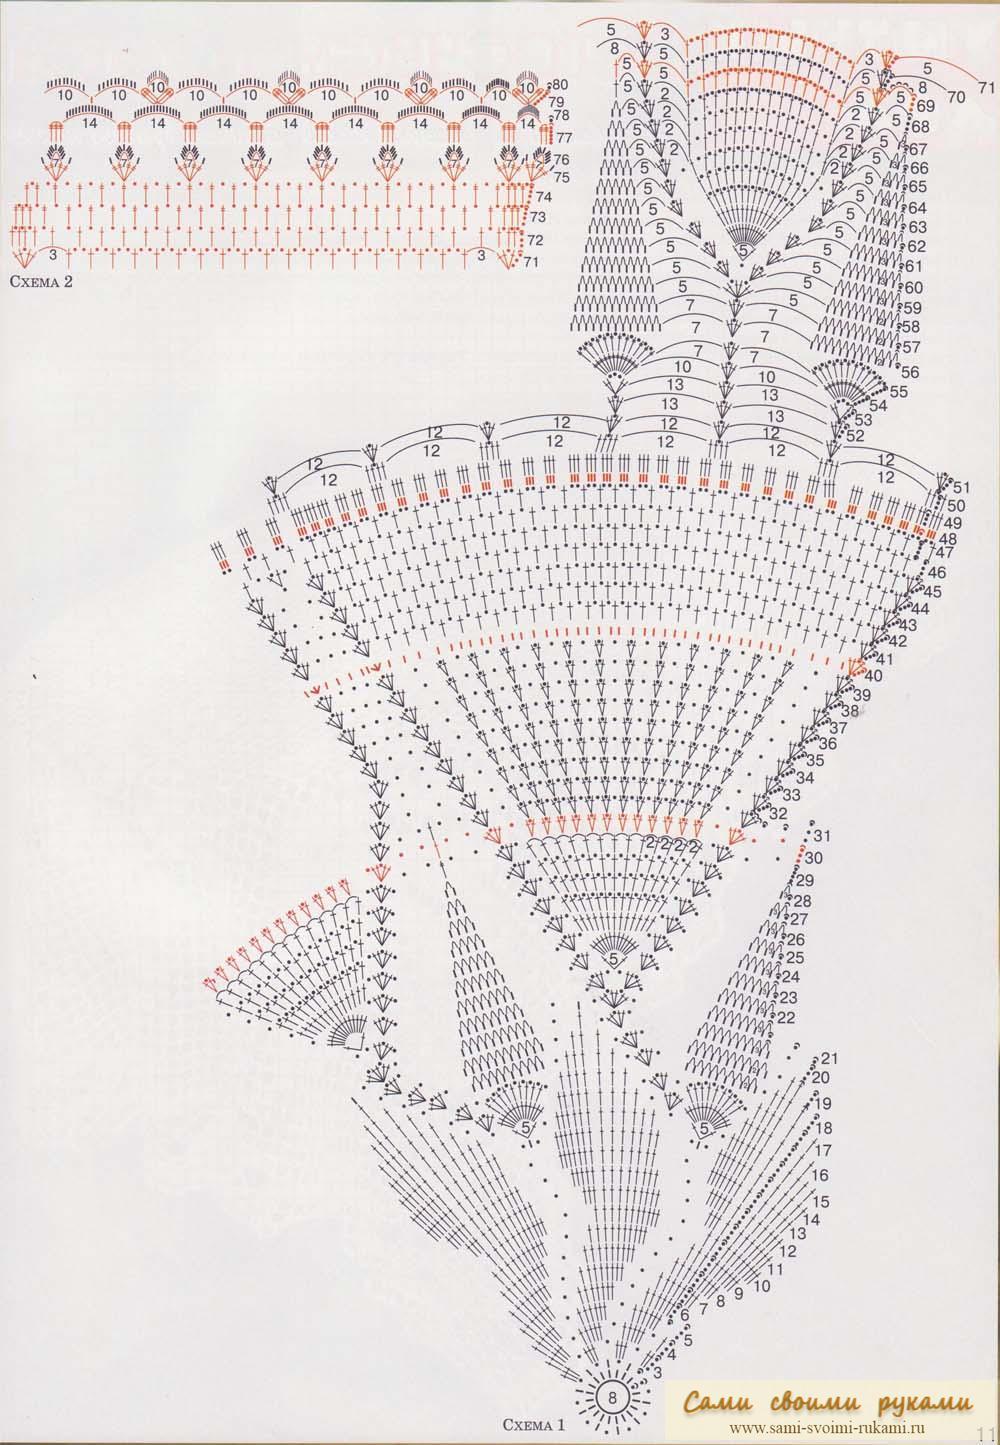 Блок питания атх 350w powerlink lpj2-23 схема